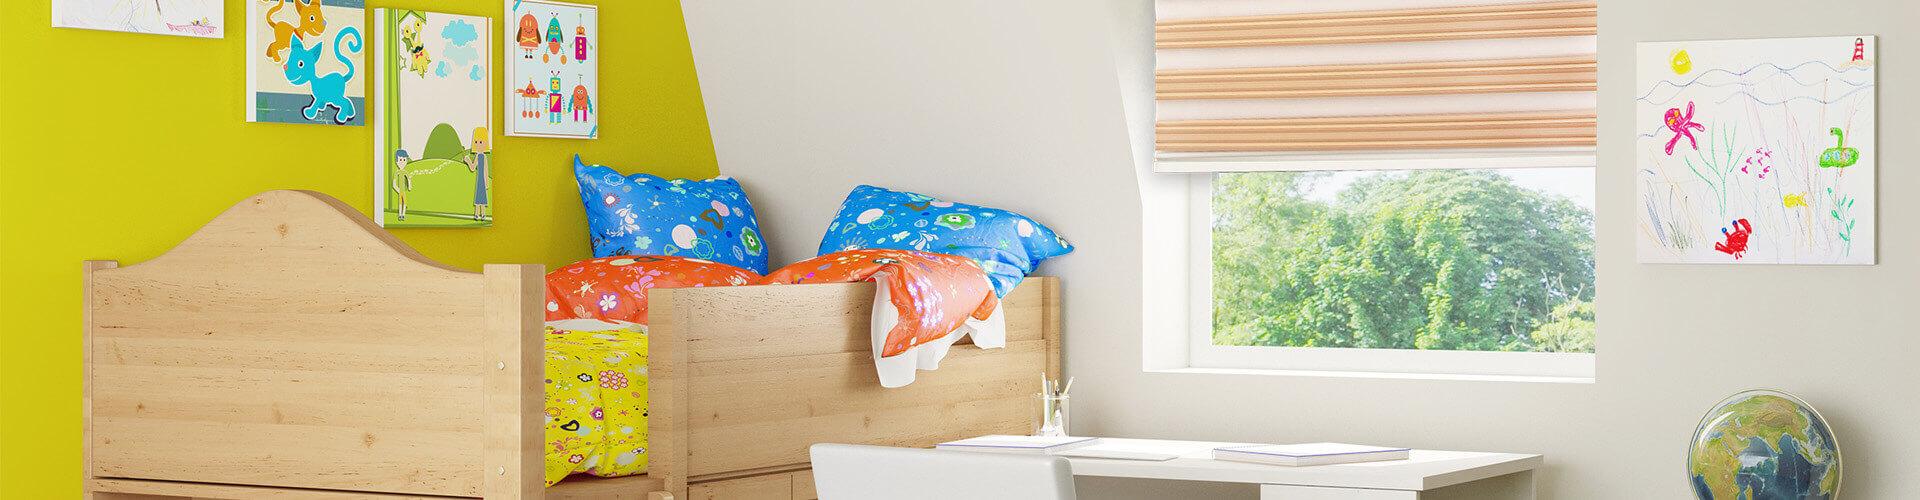 Full Size of Günstige Kinderzimmer Sofa Regale Regal Schlafzimmer Günstiges Betten Weiß Bett Kinderzimmer Günstige Kinderzimmer